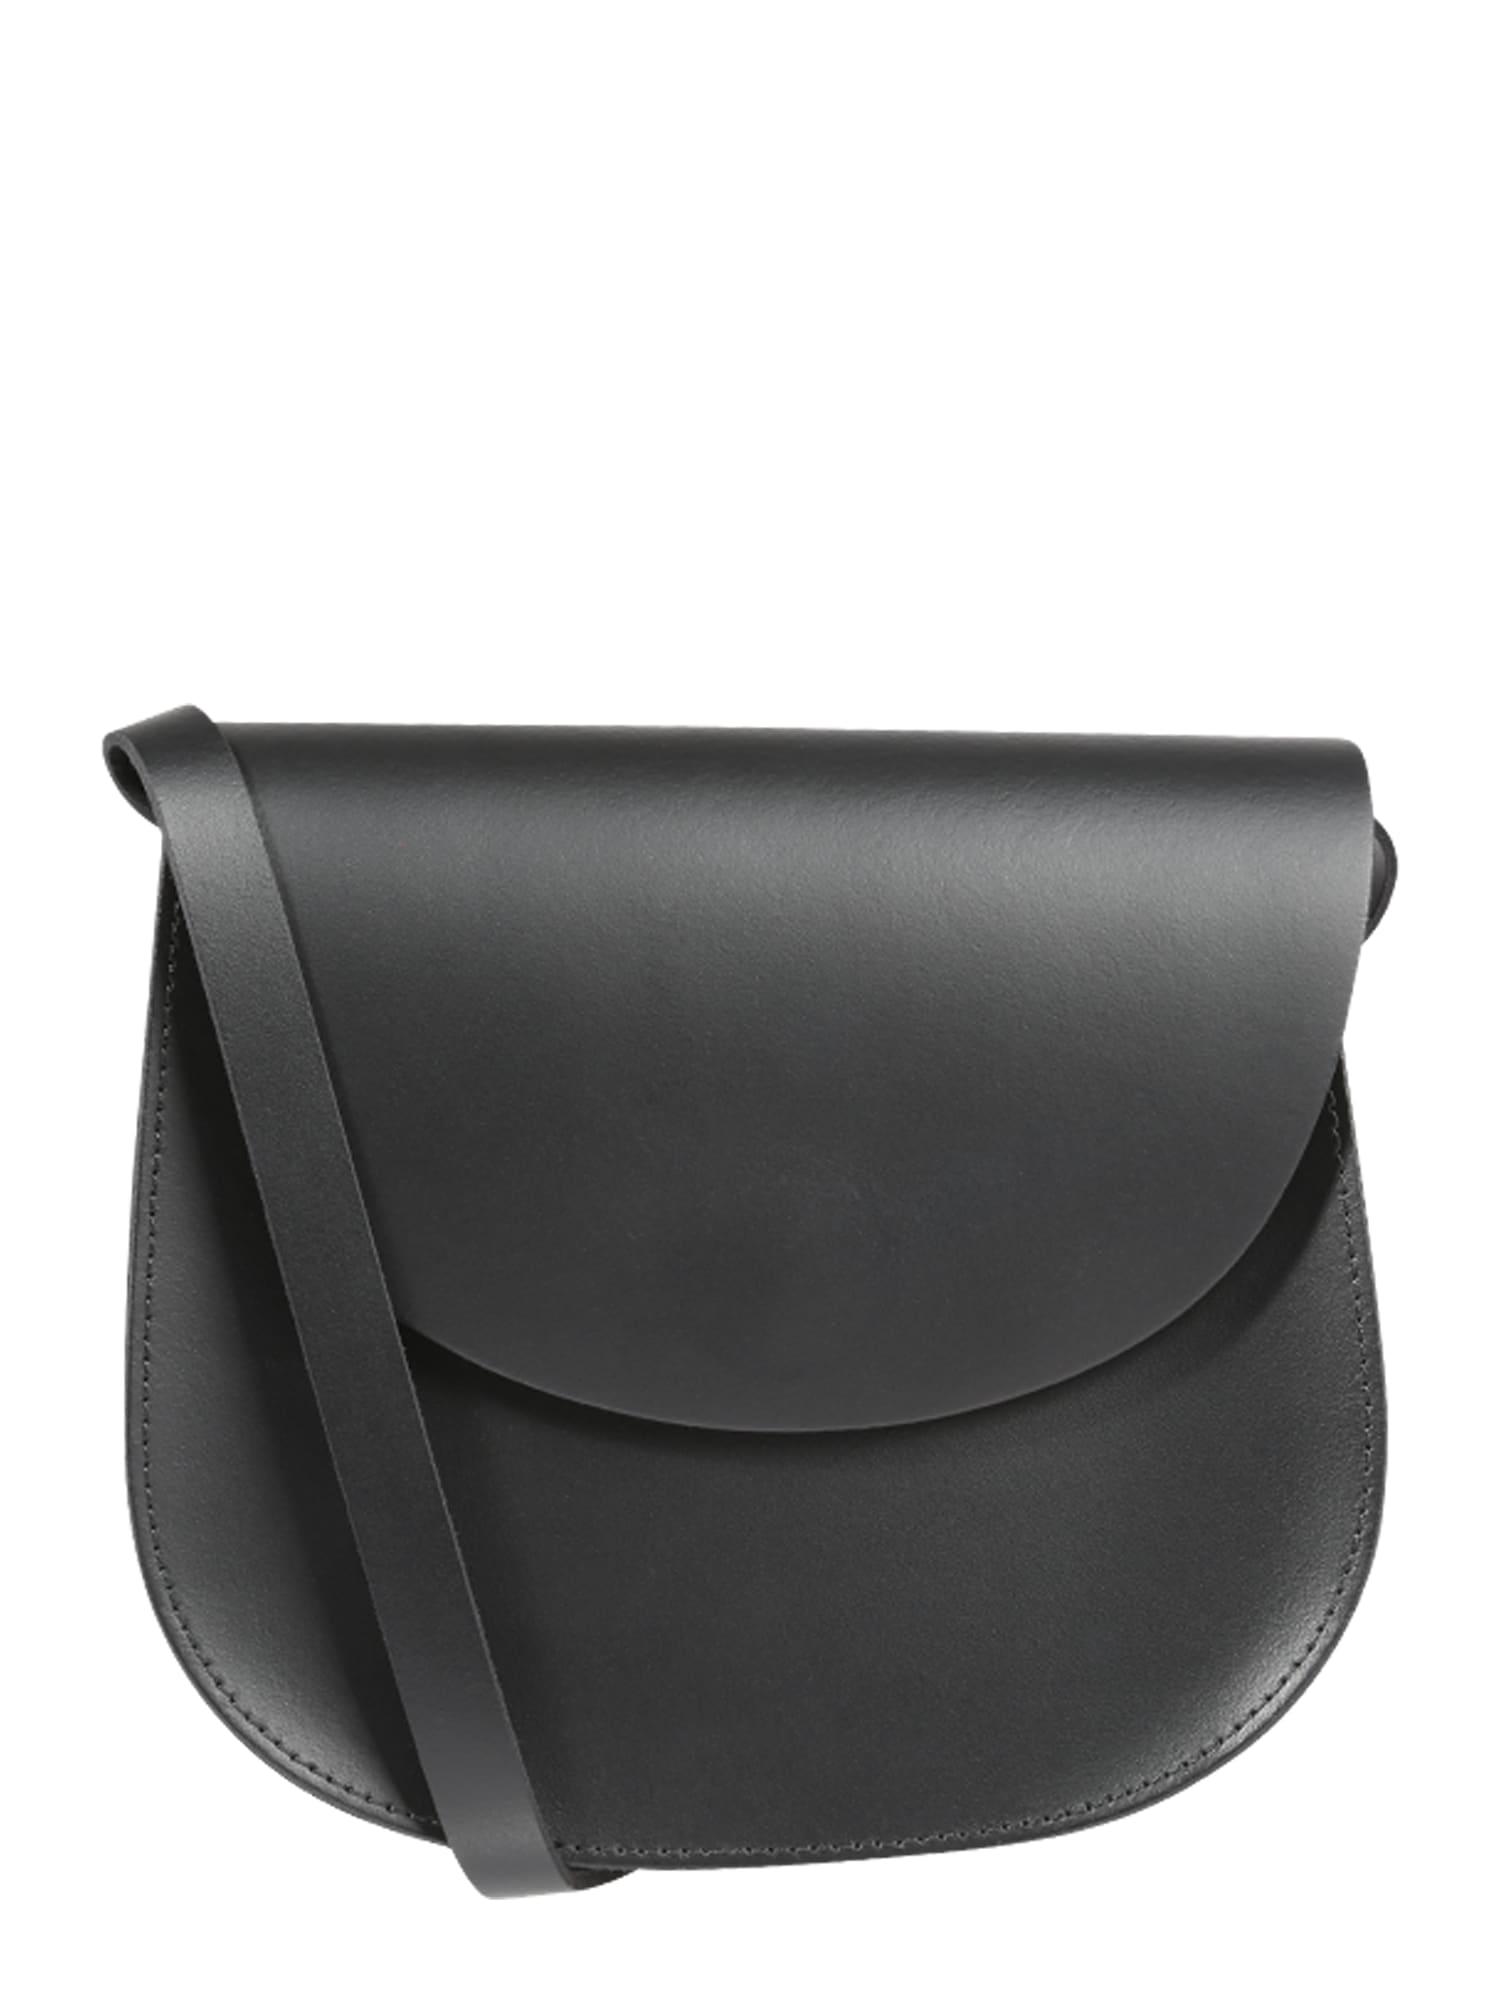 Taška přes rameno PALMA SADDLE OVER černá VERO MODA